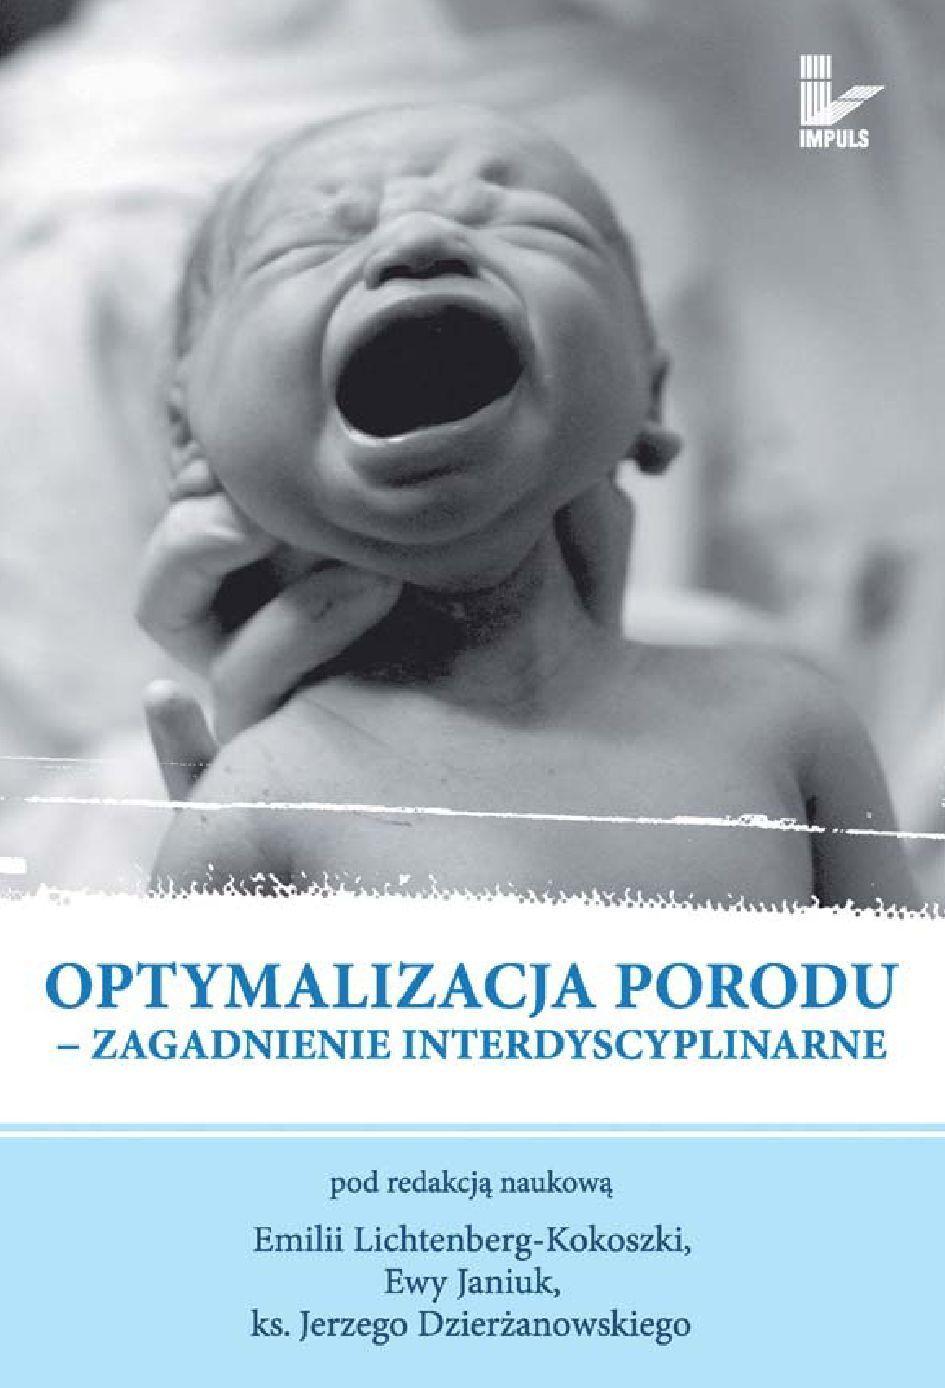 Optymalizacja porodu. Zagadnienie interdyscyplinarne - Ebook (Książka EPUB) do pobrania w formacie EPUB